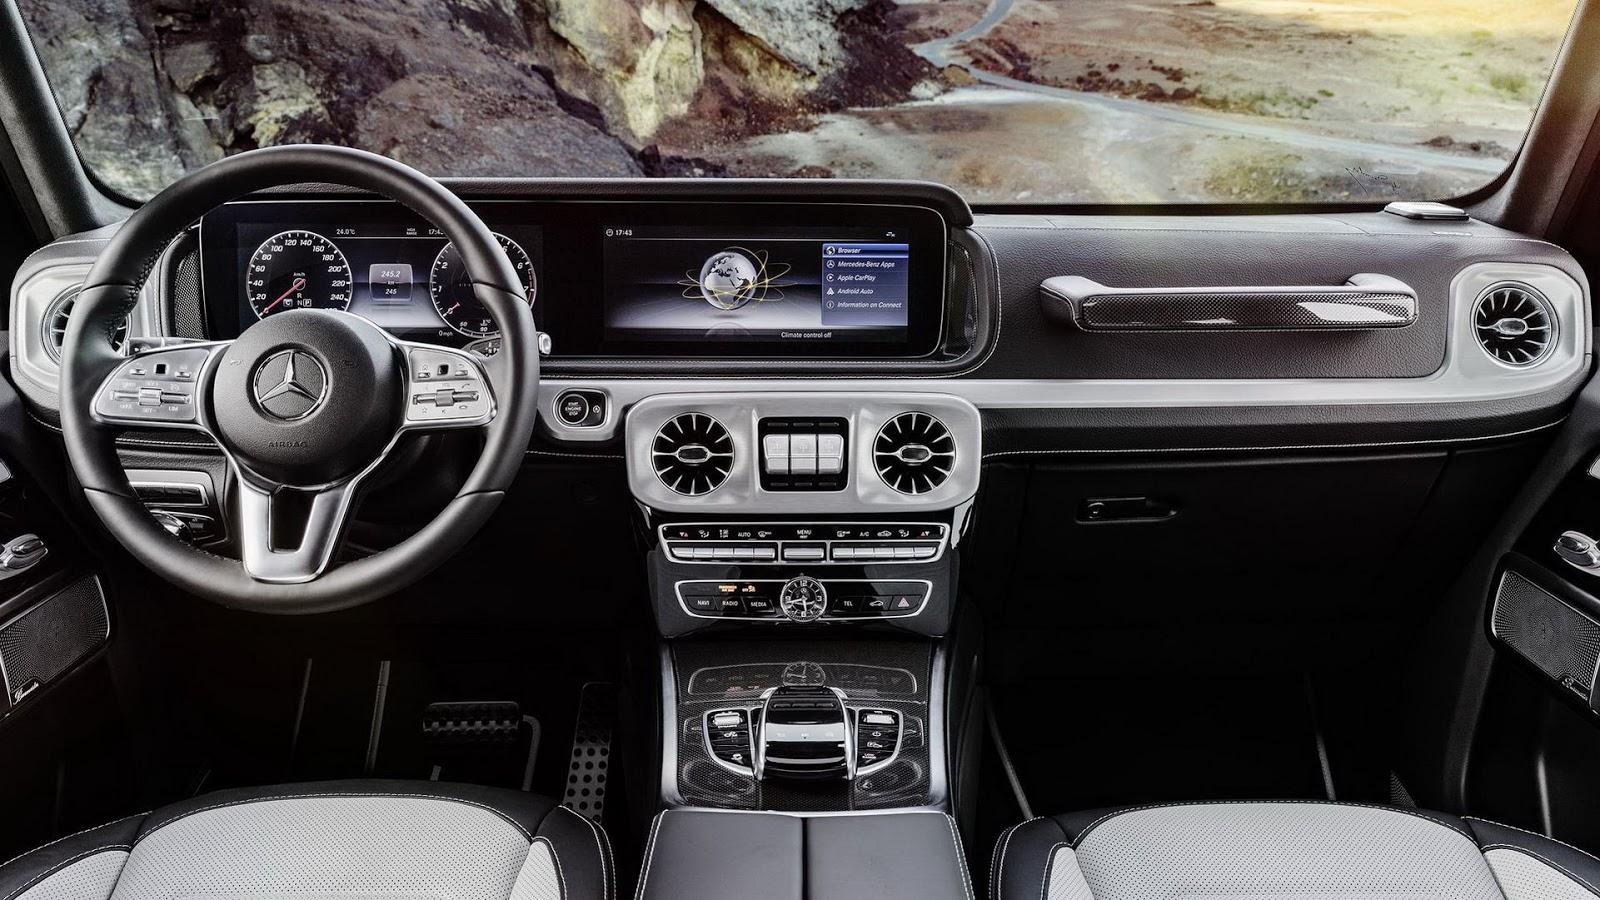 2019-Mercedes-Benz-G-Class-6.jpg